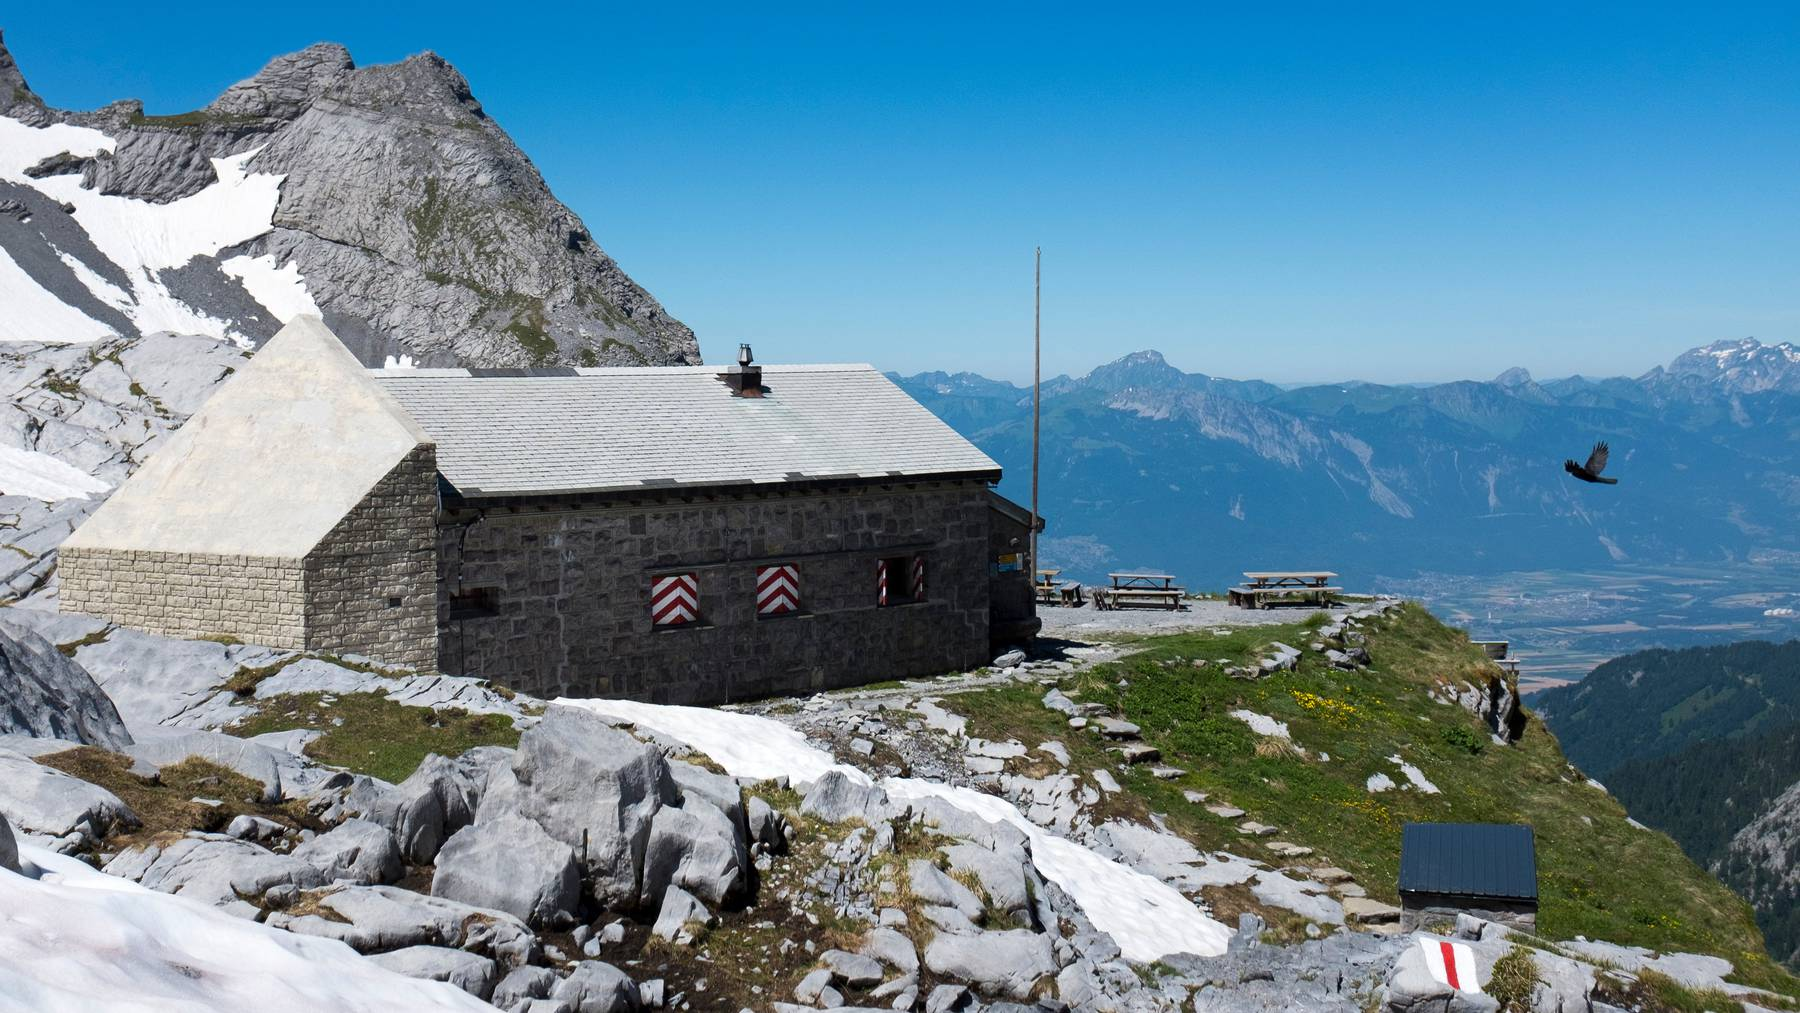 Die Vermisste wurde in der Nähe der Cabane de Plan Névé auf über 2000 Metern über Meer tot aufgefunden.